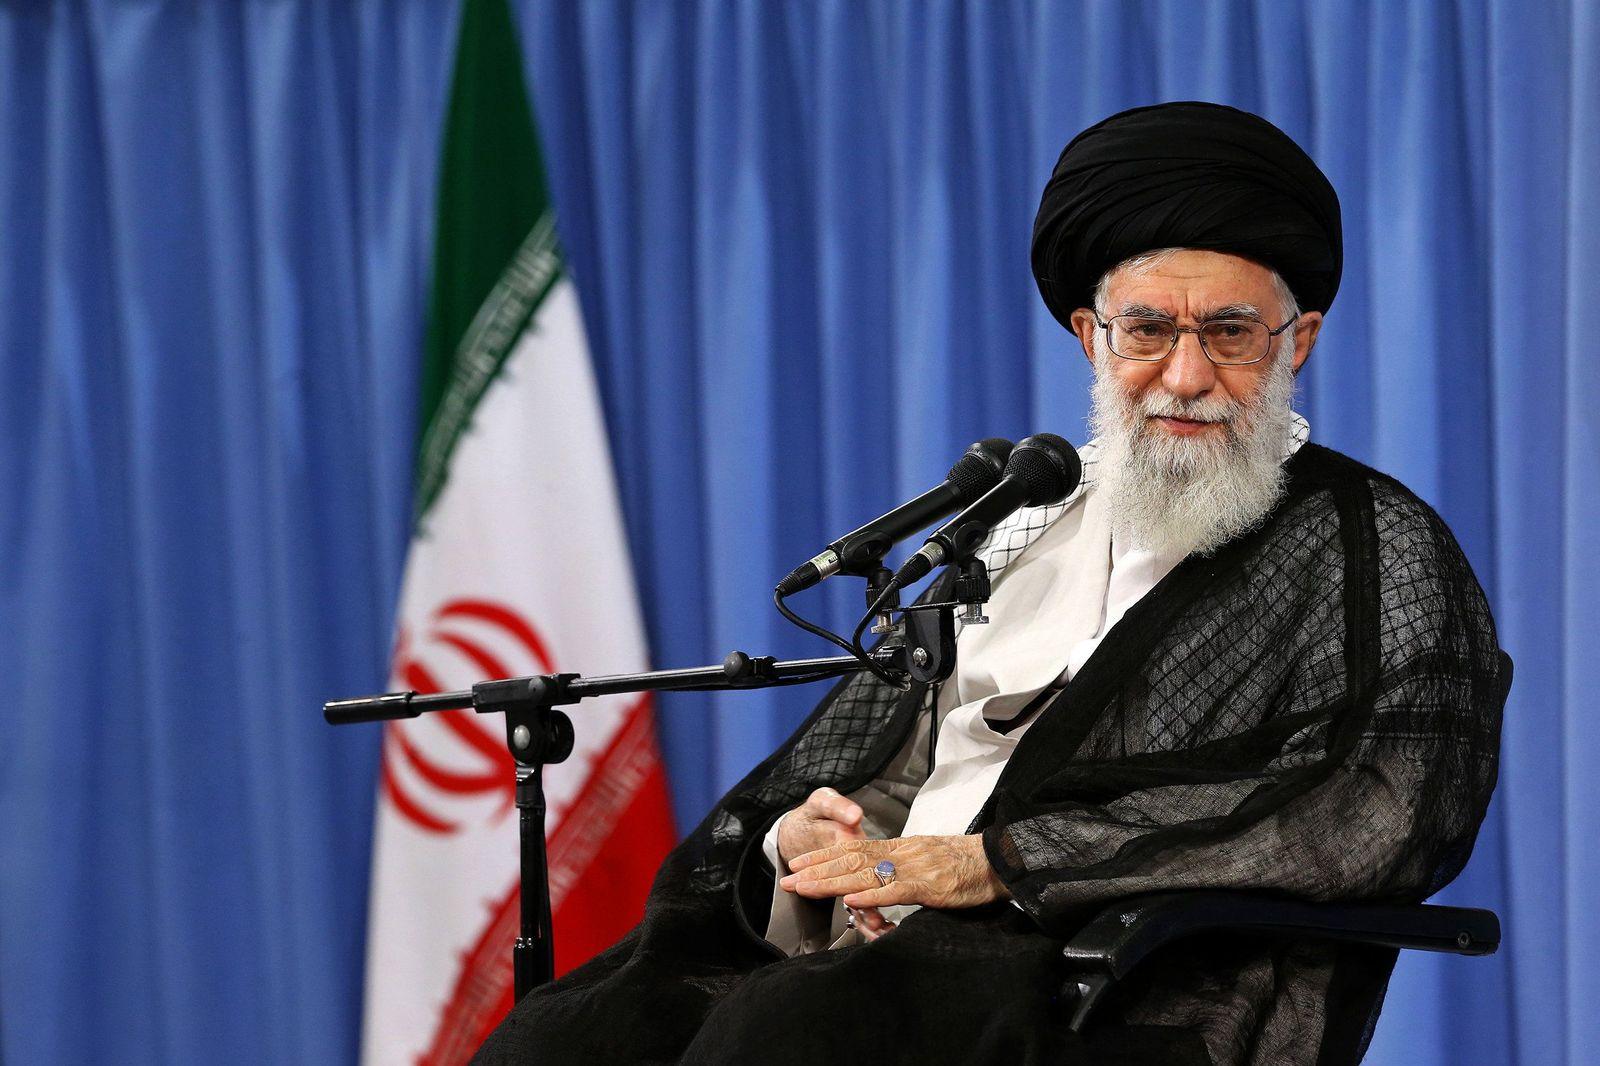 Iran/ Ayatollah Ali Khamenei